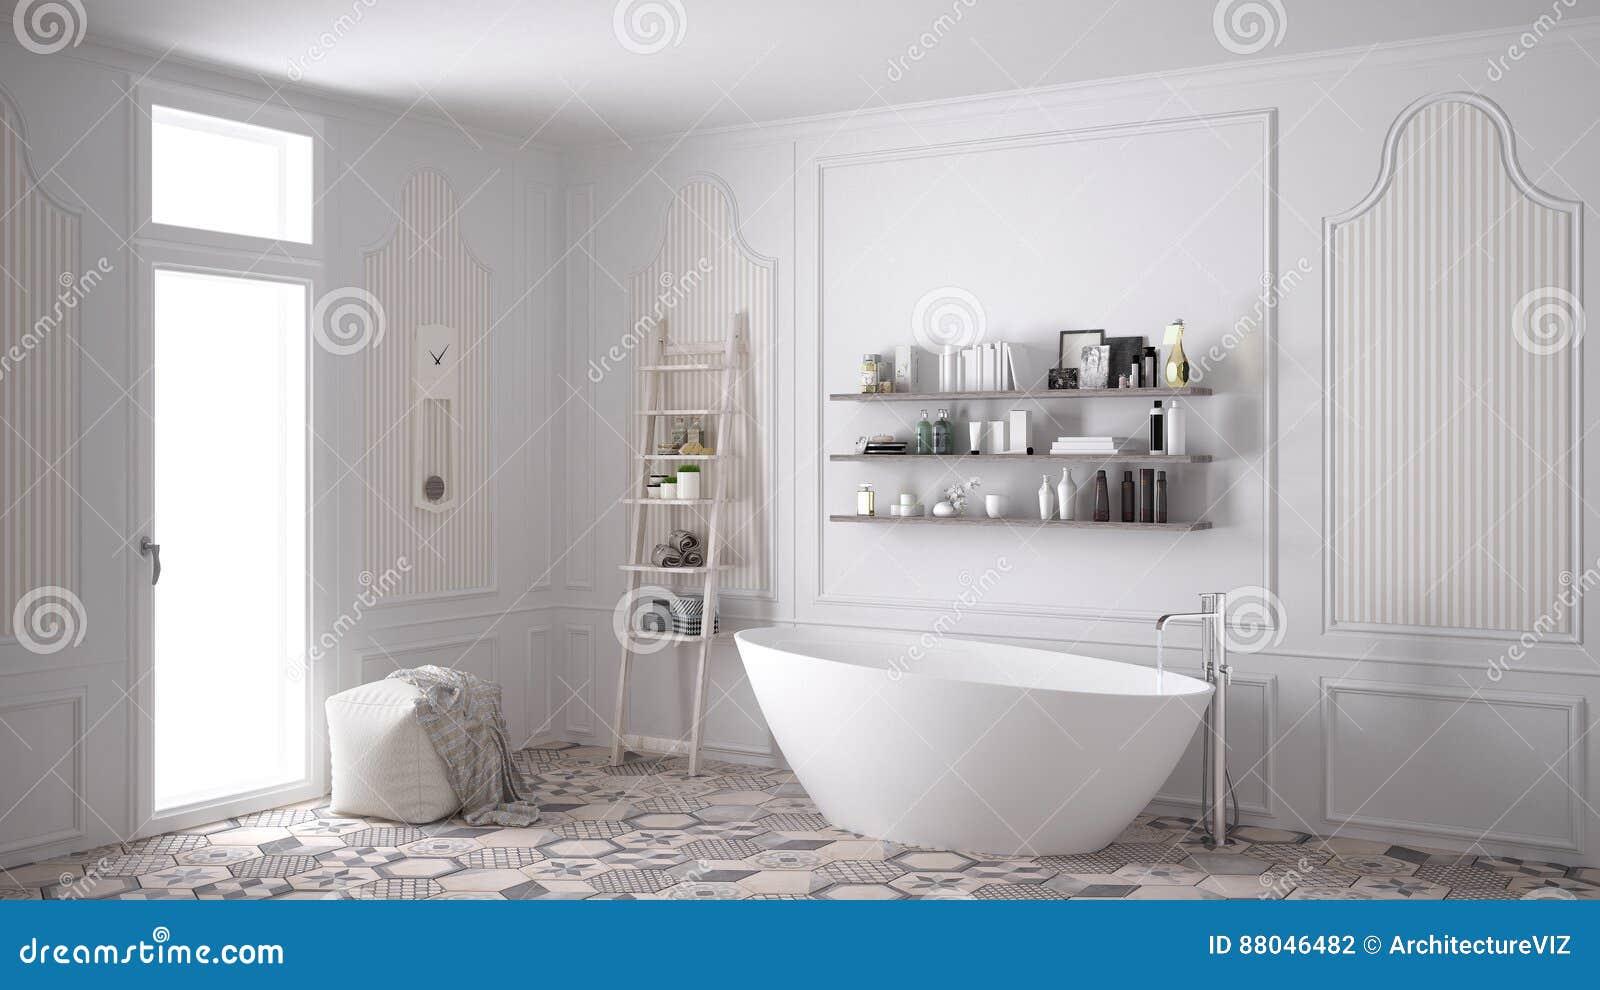 Skandinavisches badezimmer innenarchitektur der - Innenarchitektur badezimmer ...